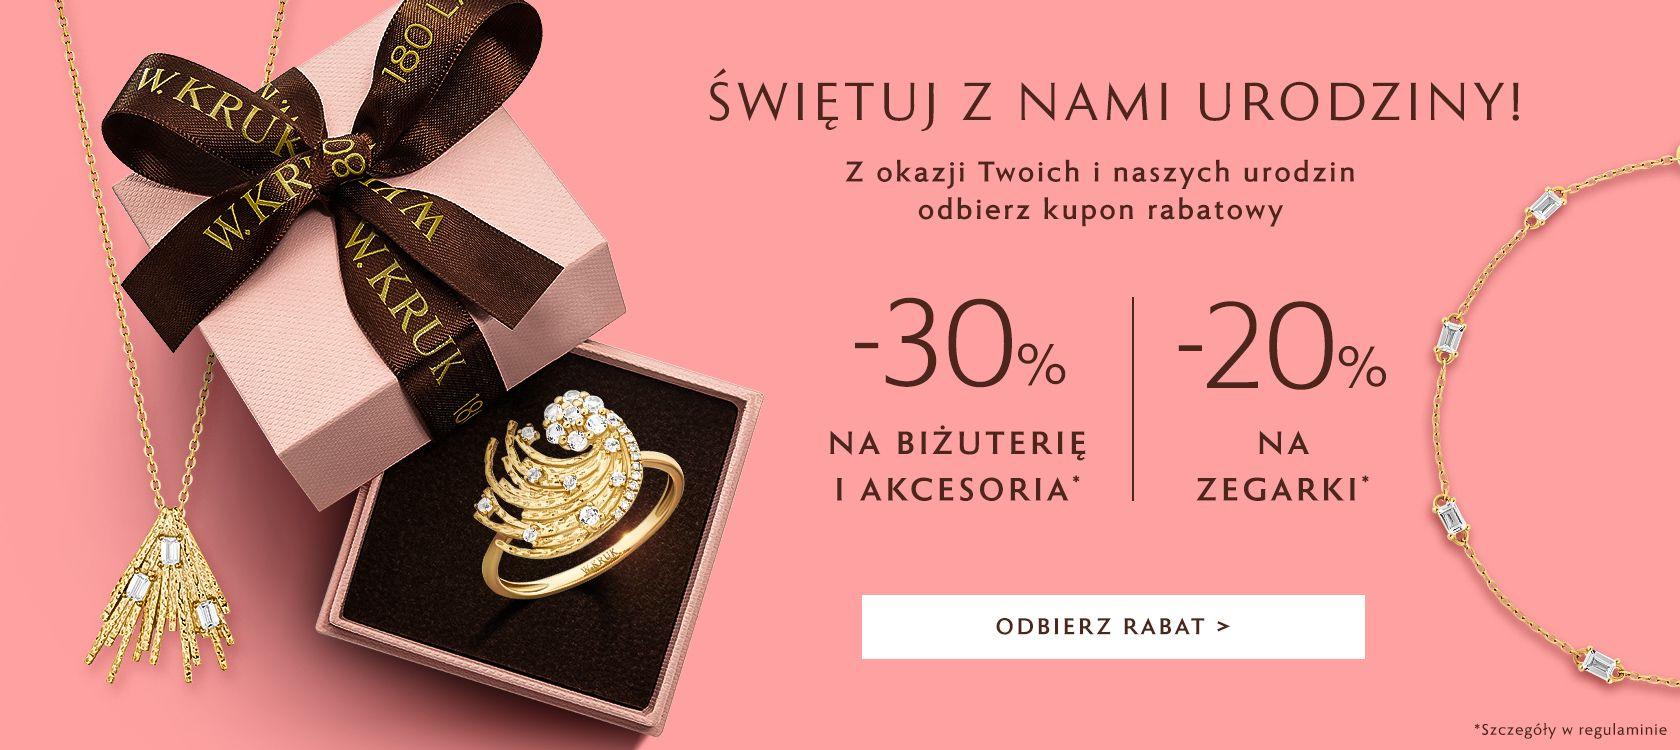 W.Kruk: 30% zniżki na biżuterię i akcesoria, 20% zniżki na zegarki